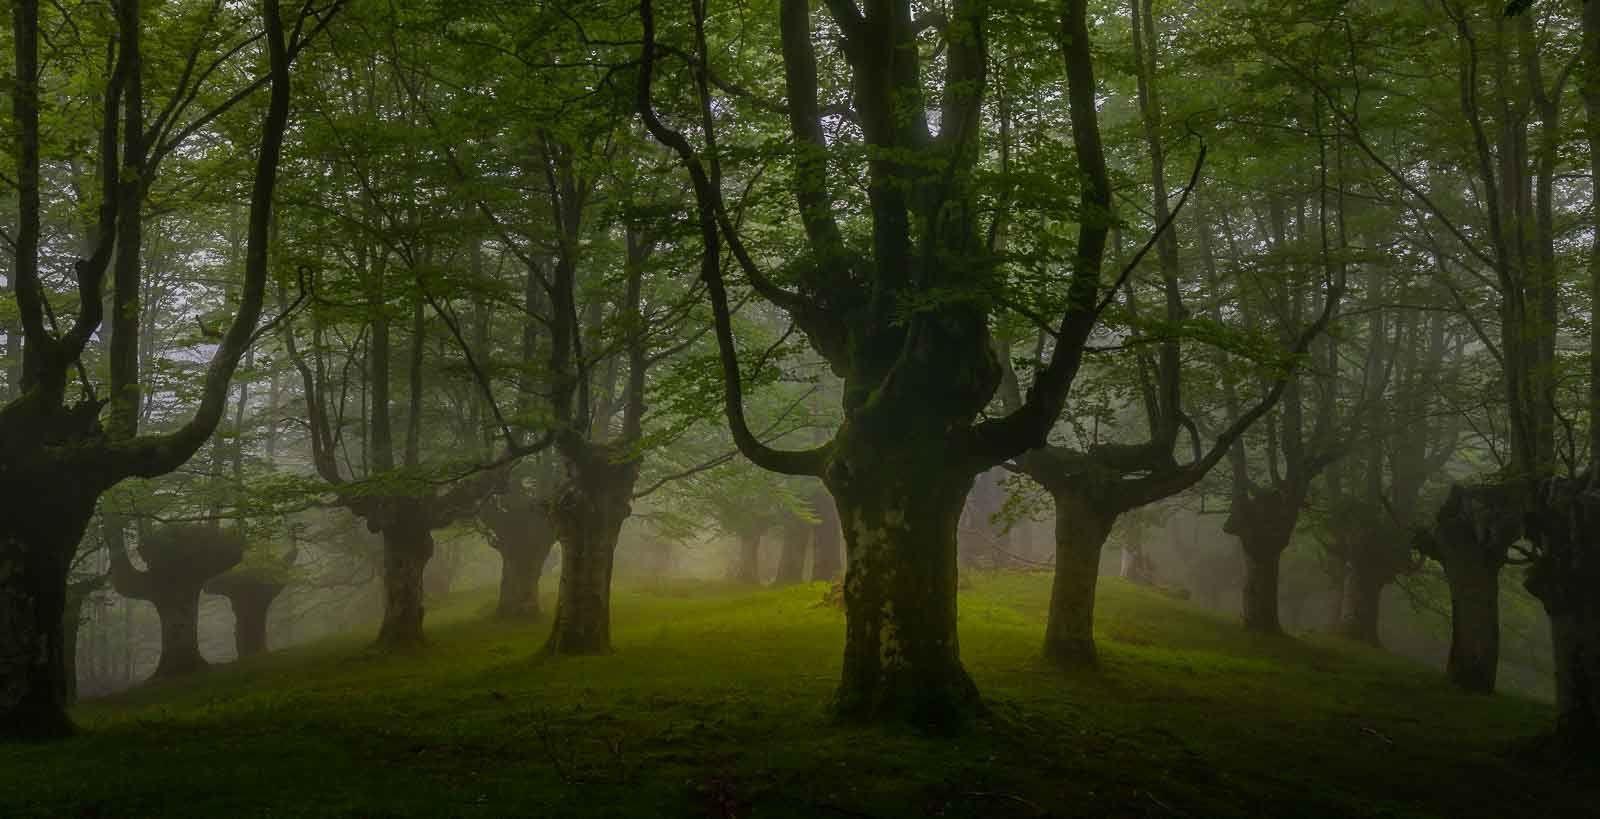 Taller Bosques de Bizkaia